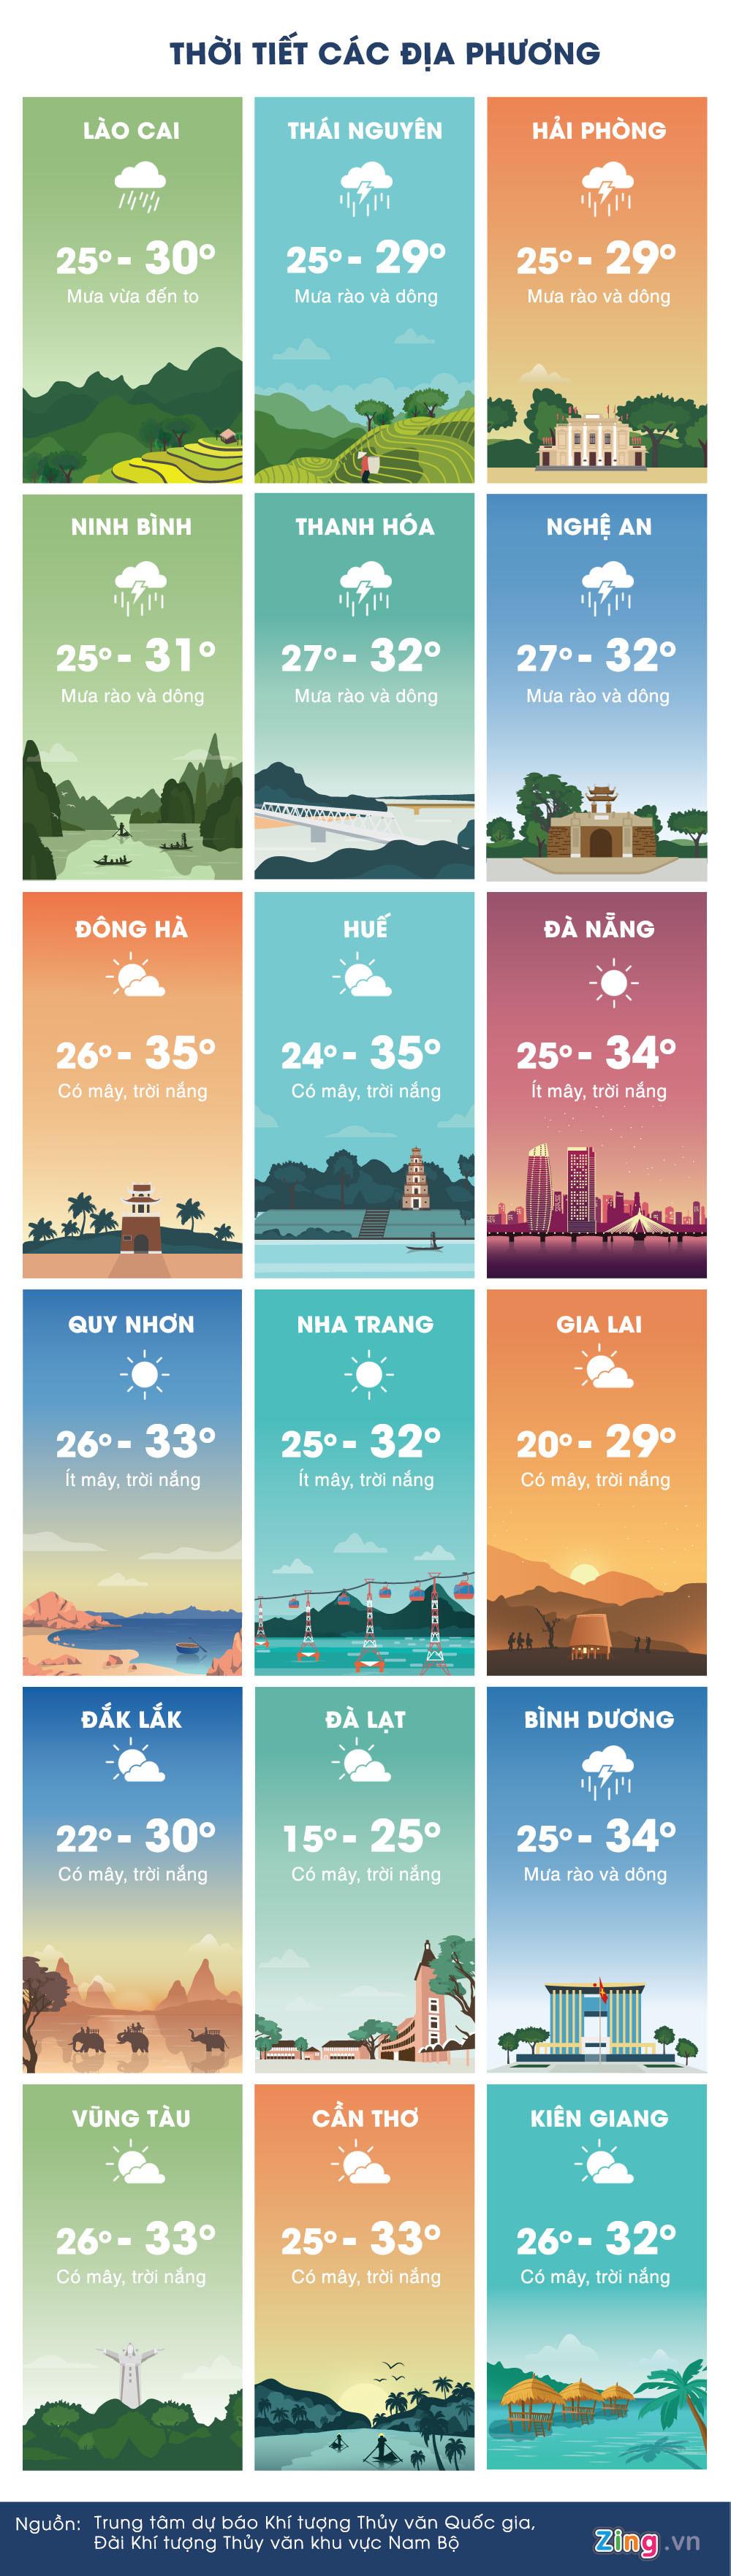 Thời tiết ngày 27/9: Miền Bắc mưa lớn diện rộng vì không khí lạnh Ảnh 3